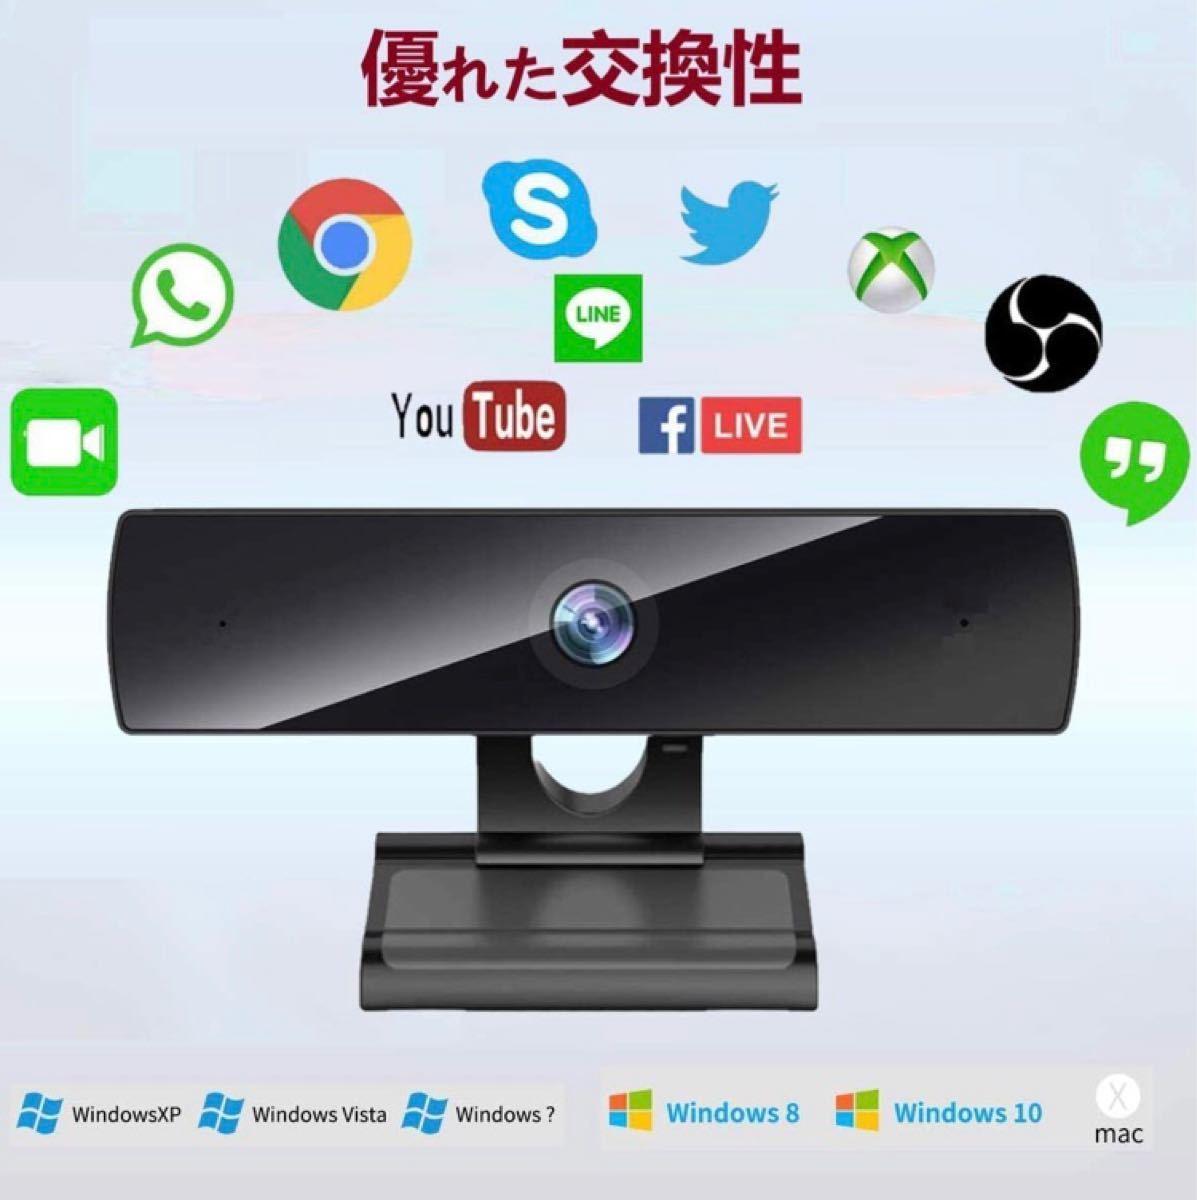 ウェブカメラ フルHD 1080P 200万画素マイク内蔵 110°広角PCネットワークカメラUSBミニコンピューターWebカメラ